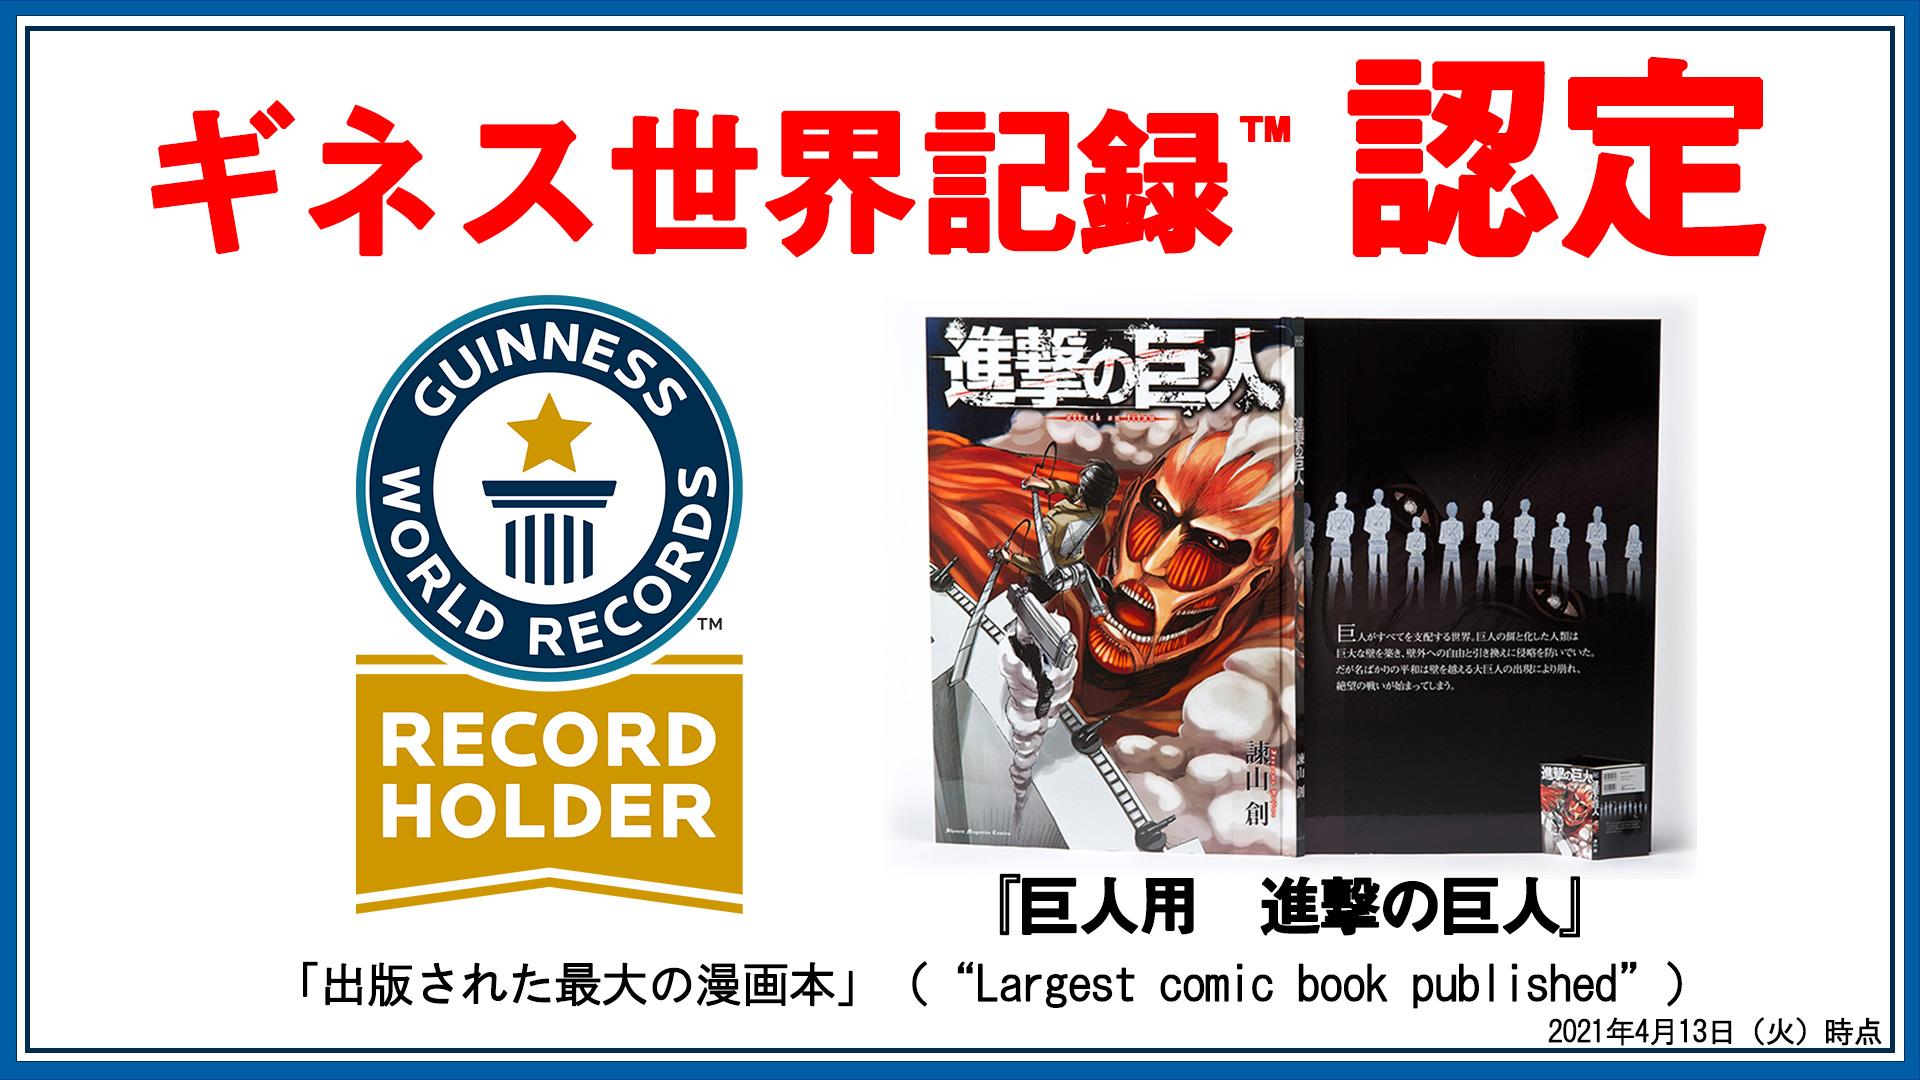 """「巨人用 進撃の巨人」ギネス世界記録に認定!通常の約36倍""""出版された最大の漫画本"""""""